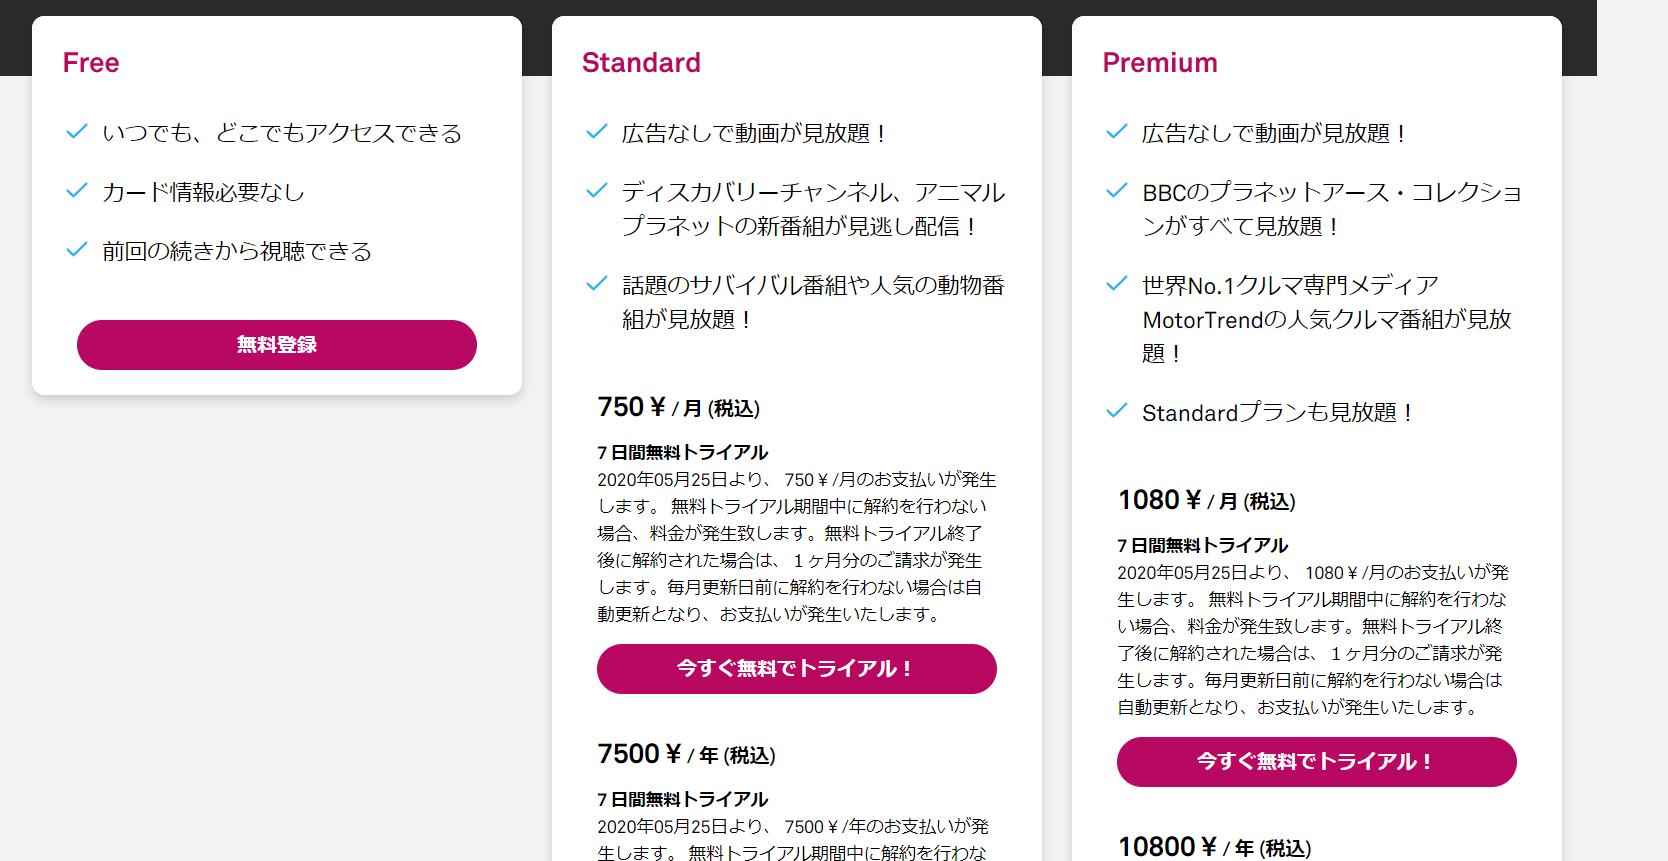 154 - ディスカバリーチャンネルが提供する新しい動画配信サービス【Dplay】に有料登録してみました!